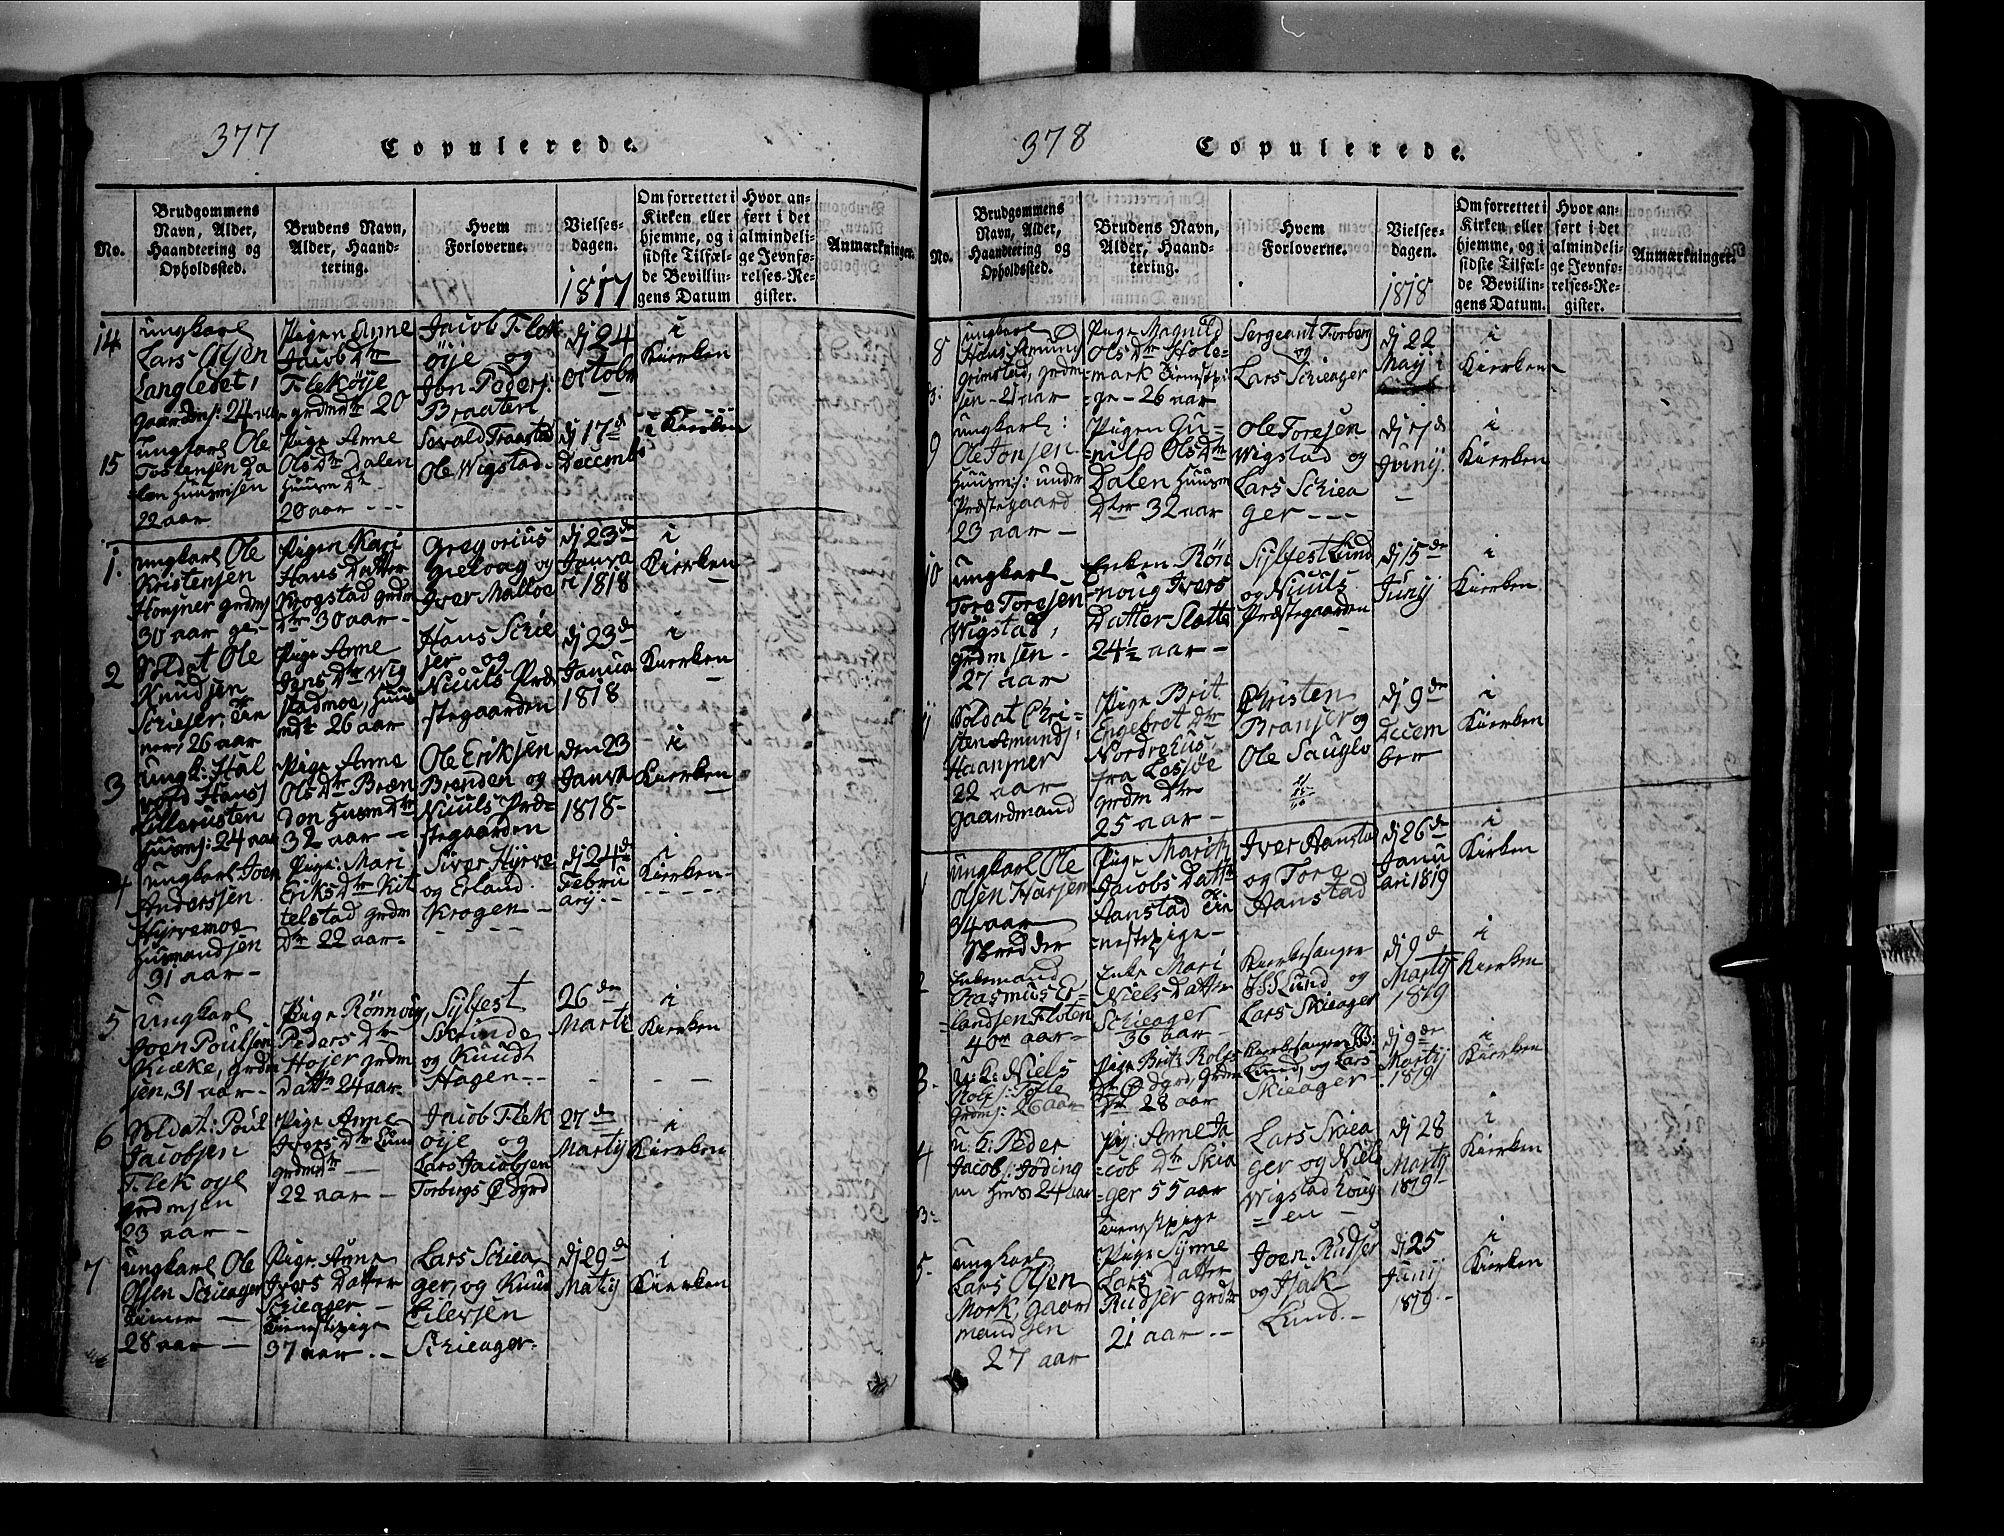 SAH, Lom prestekontor, L/L0003: Klokkerbok nr. 3, 1815-1844, s. 377-378